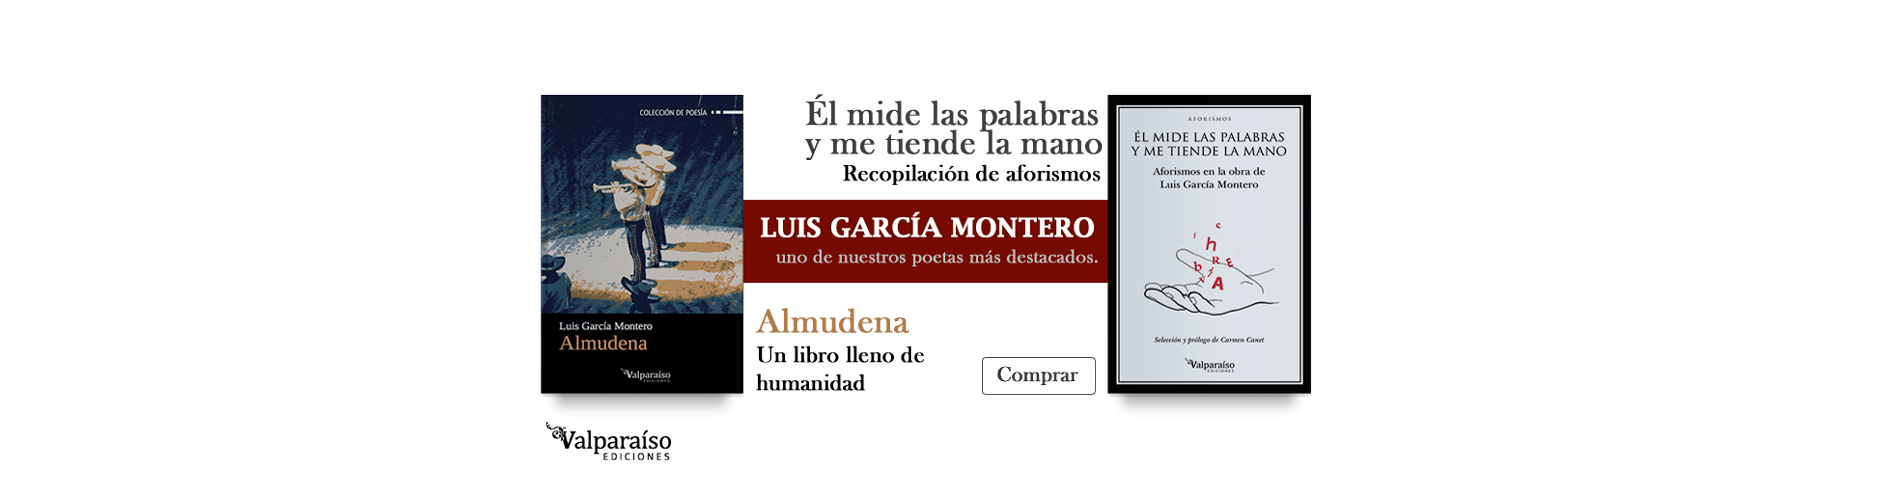 Luis García Montero, uno de nuestros poetas más destacados